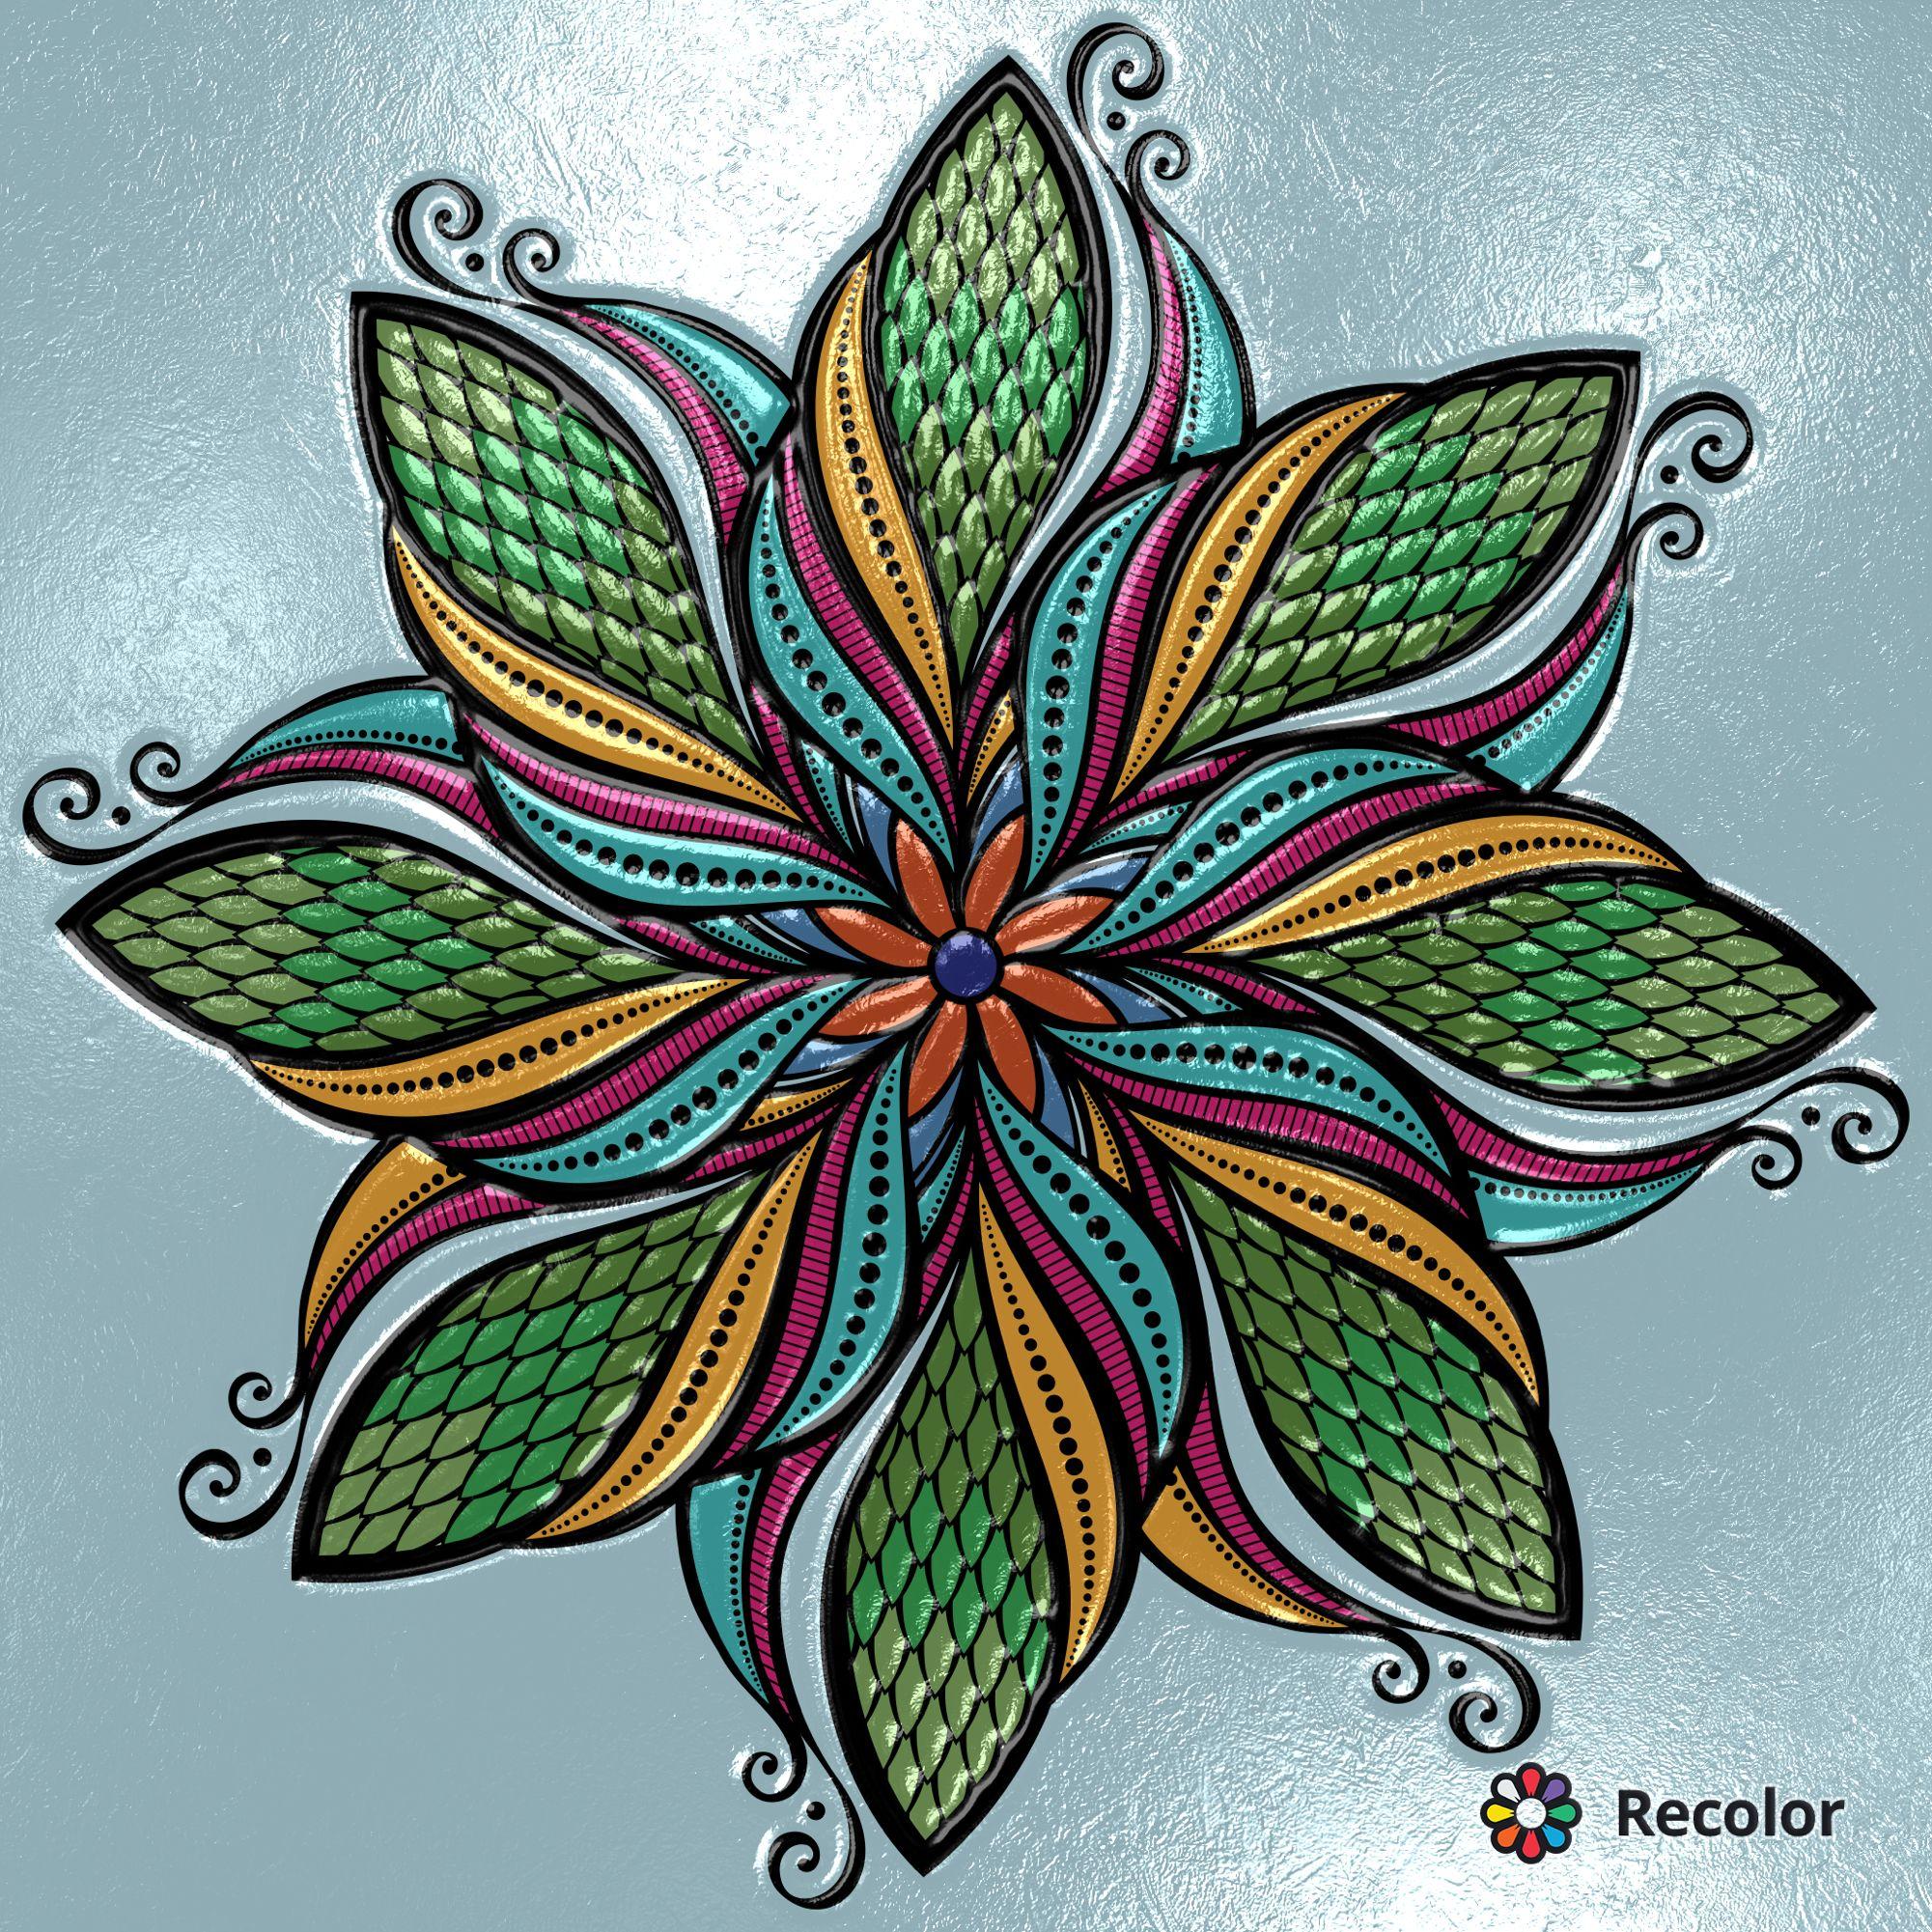 Recolor App RECOLOR RecolorApp Coloring Book